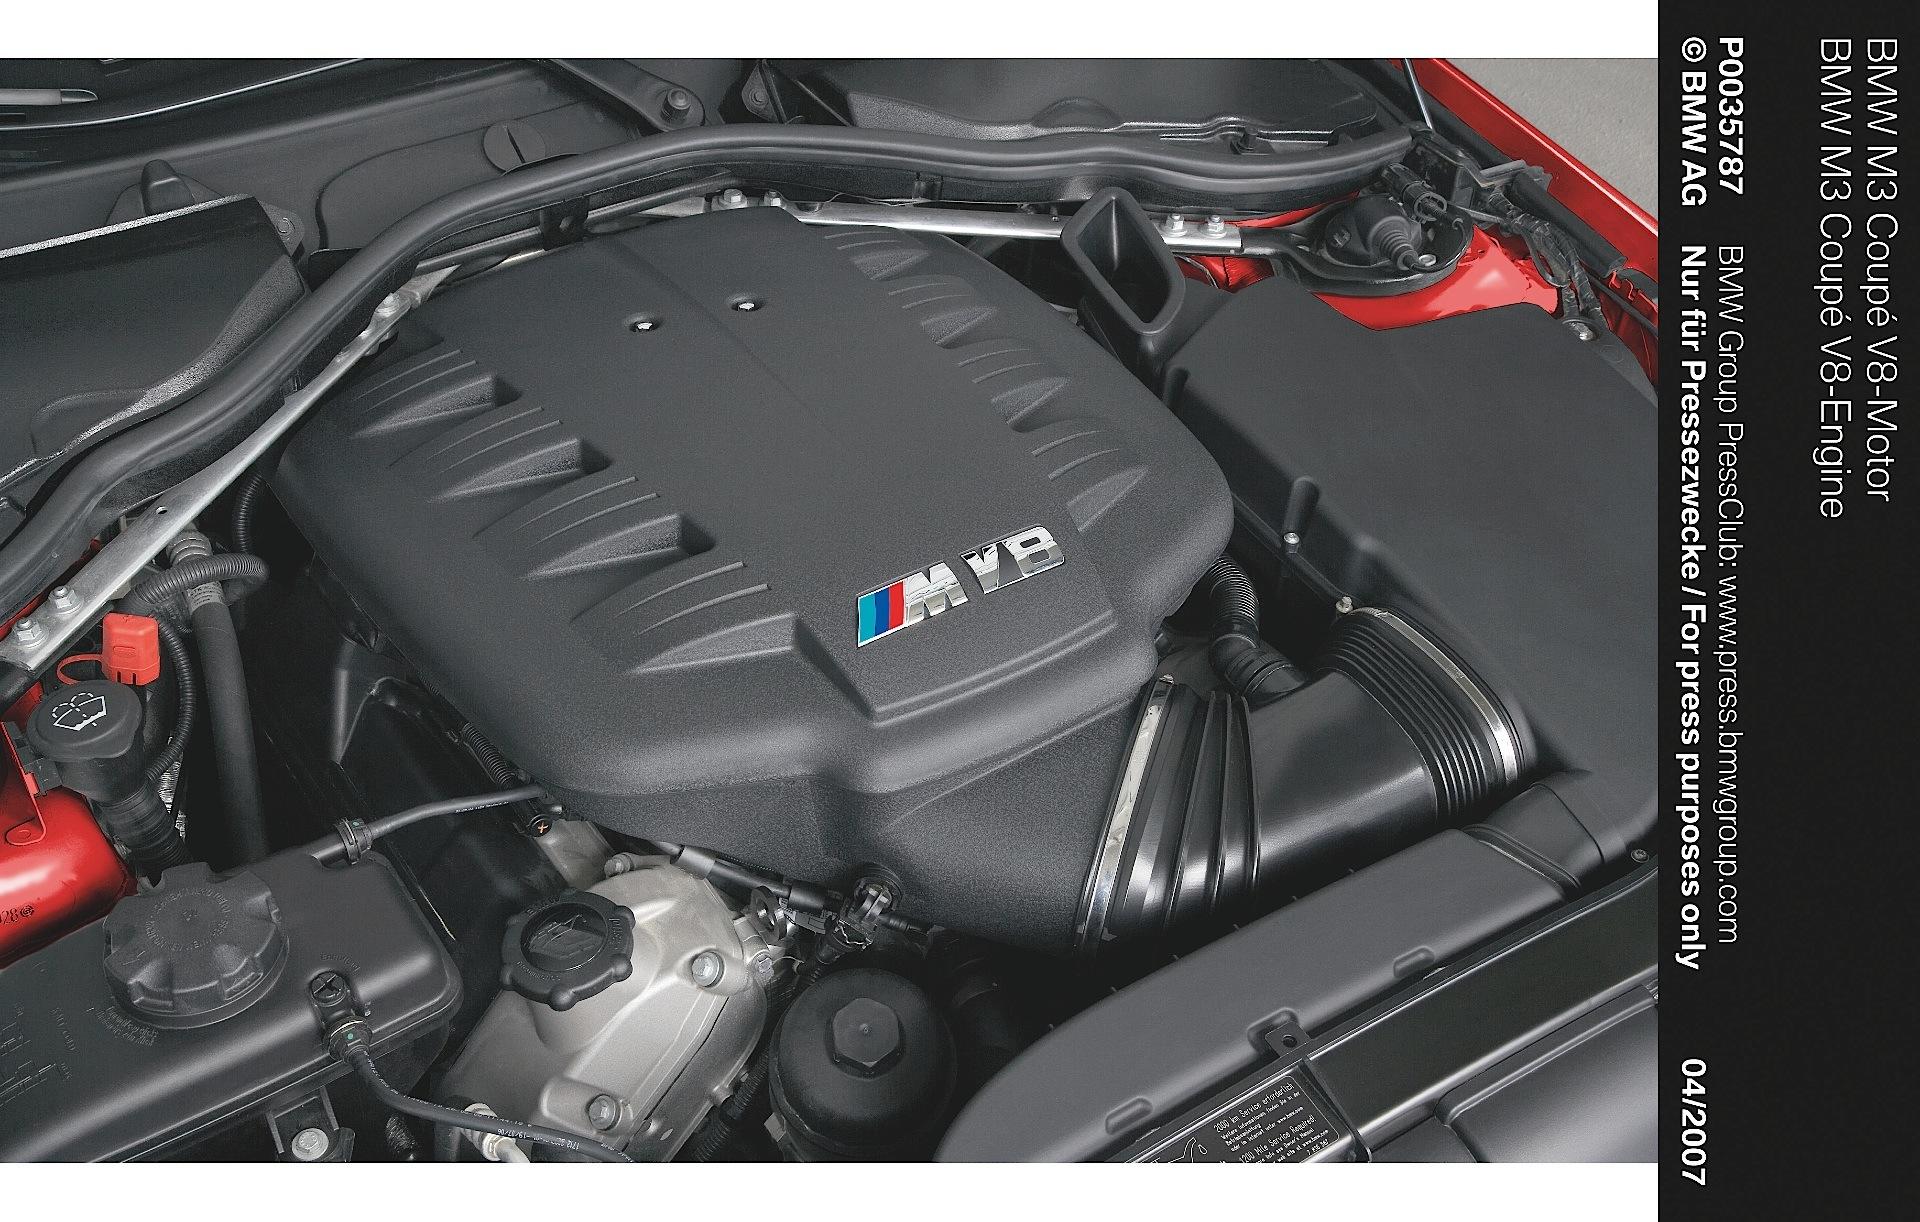 2007 Bmw M3 Concept 2 (50 Images) - New HD Car Wallpaper